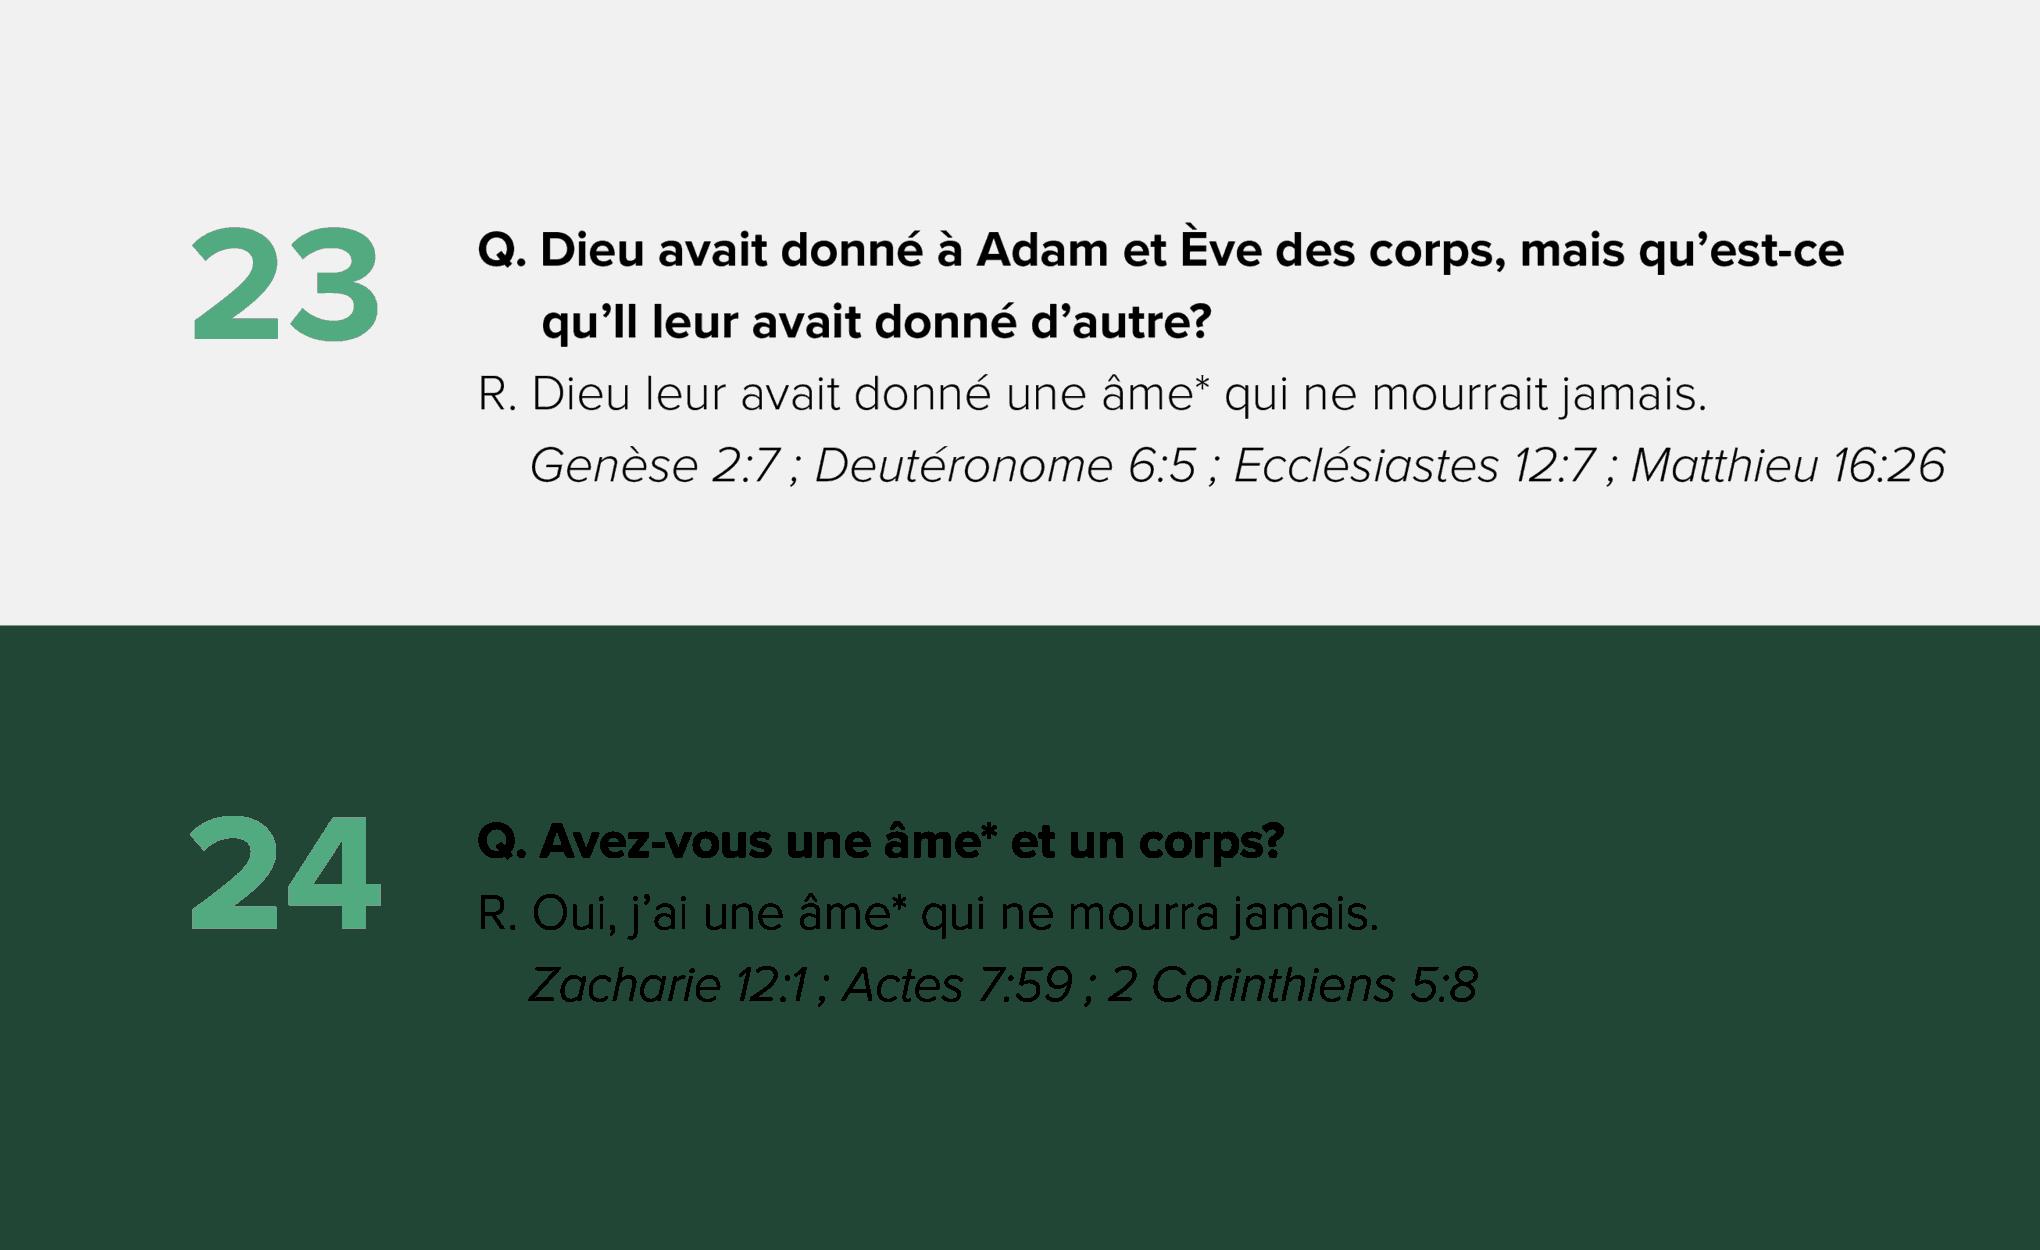 Q&A_23-24F